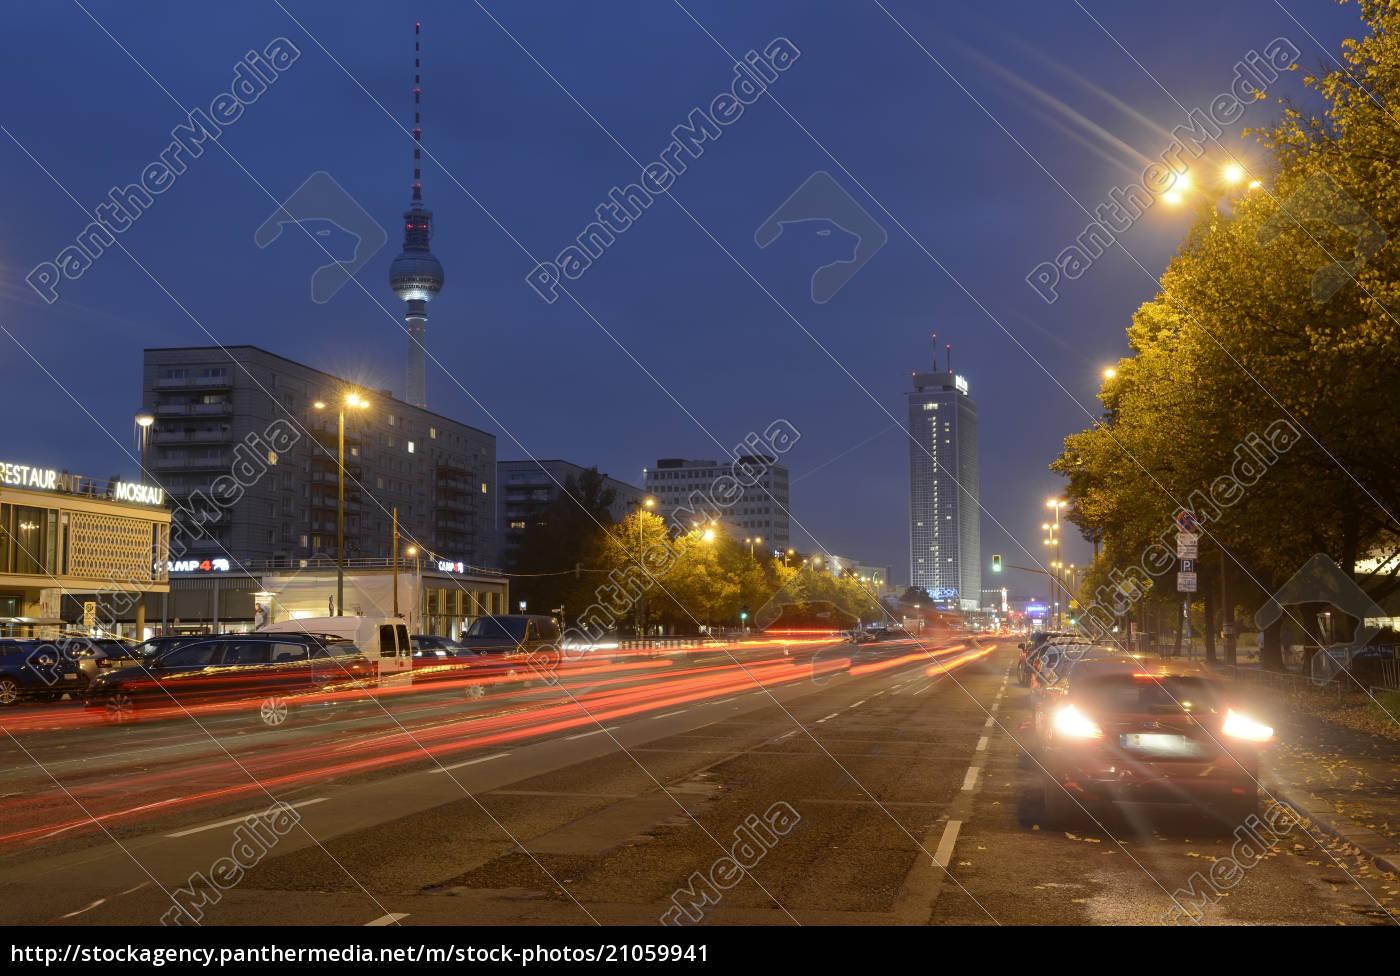 deutschland, berlin, verkehr, auf, der, karl-marx-allee, bei, nacht - 21059941